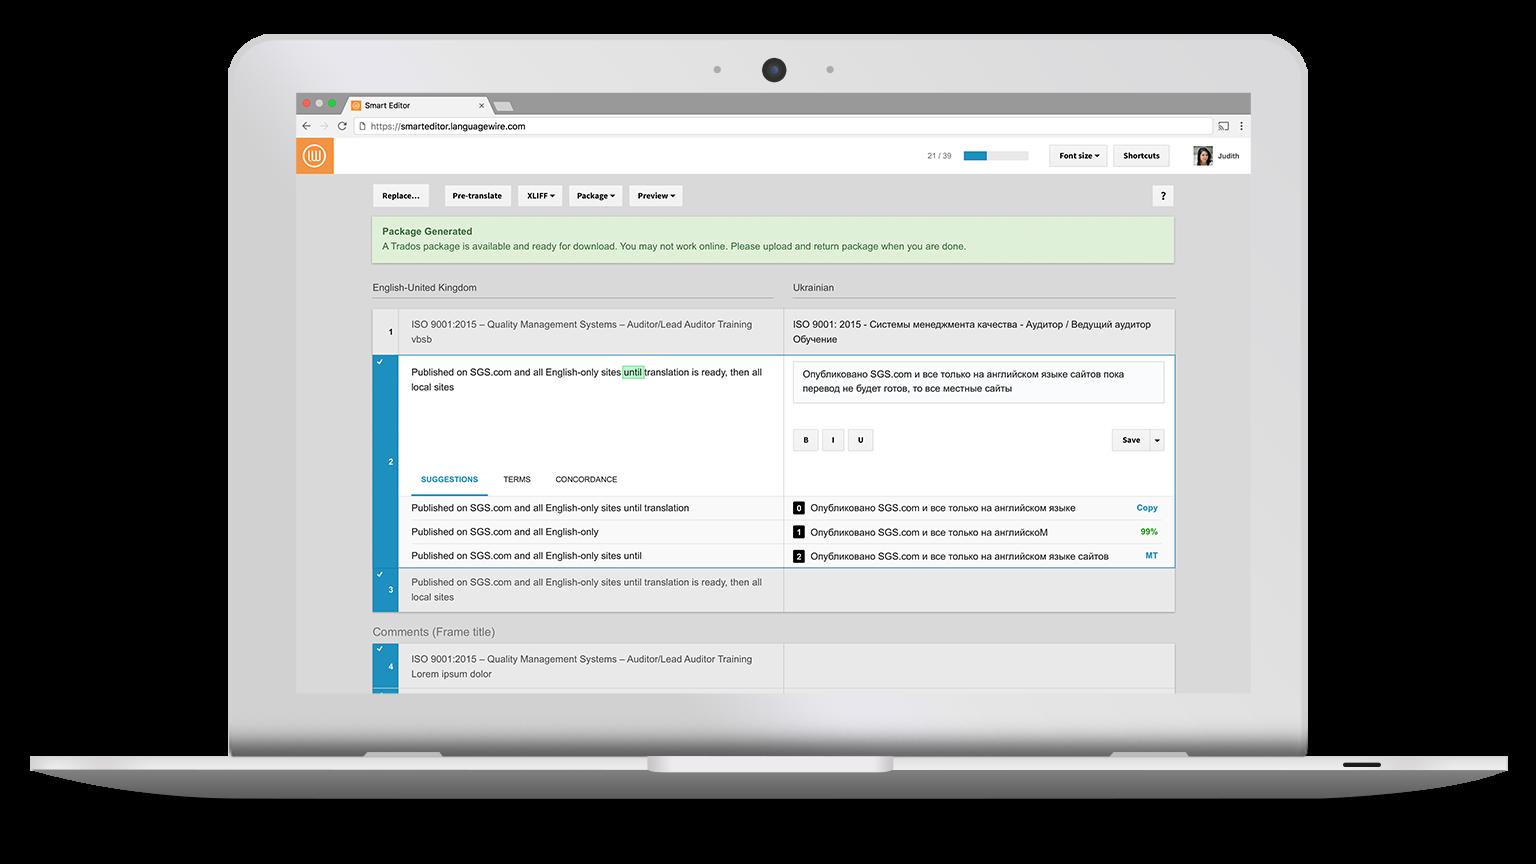 Smart Editor har ett avskalat gränssnitt som låter språkexperterna fokusera på innehållet.